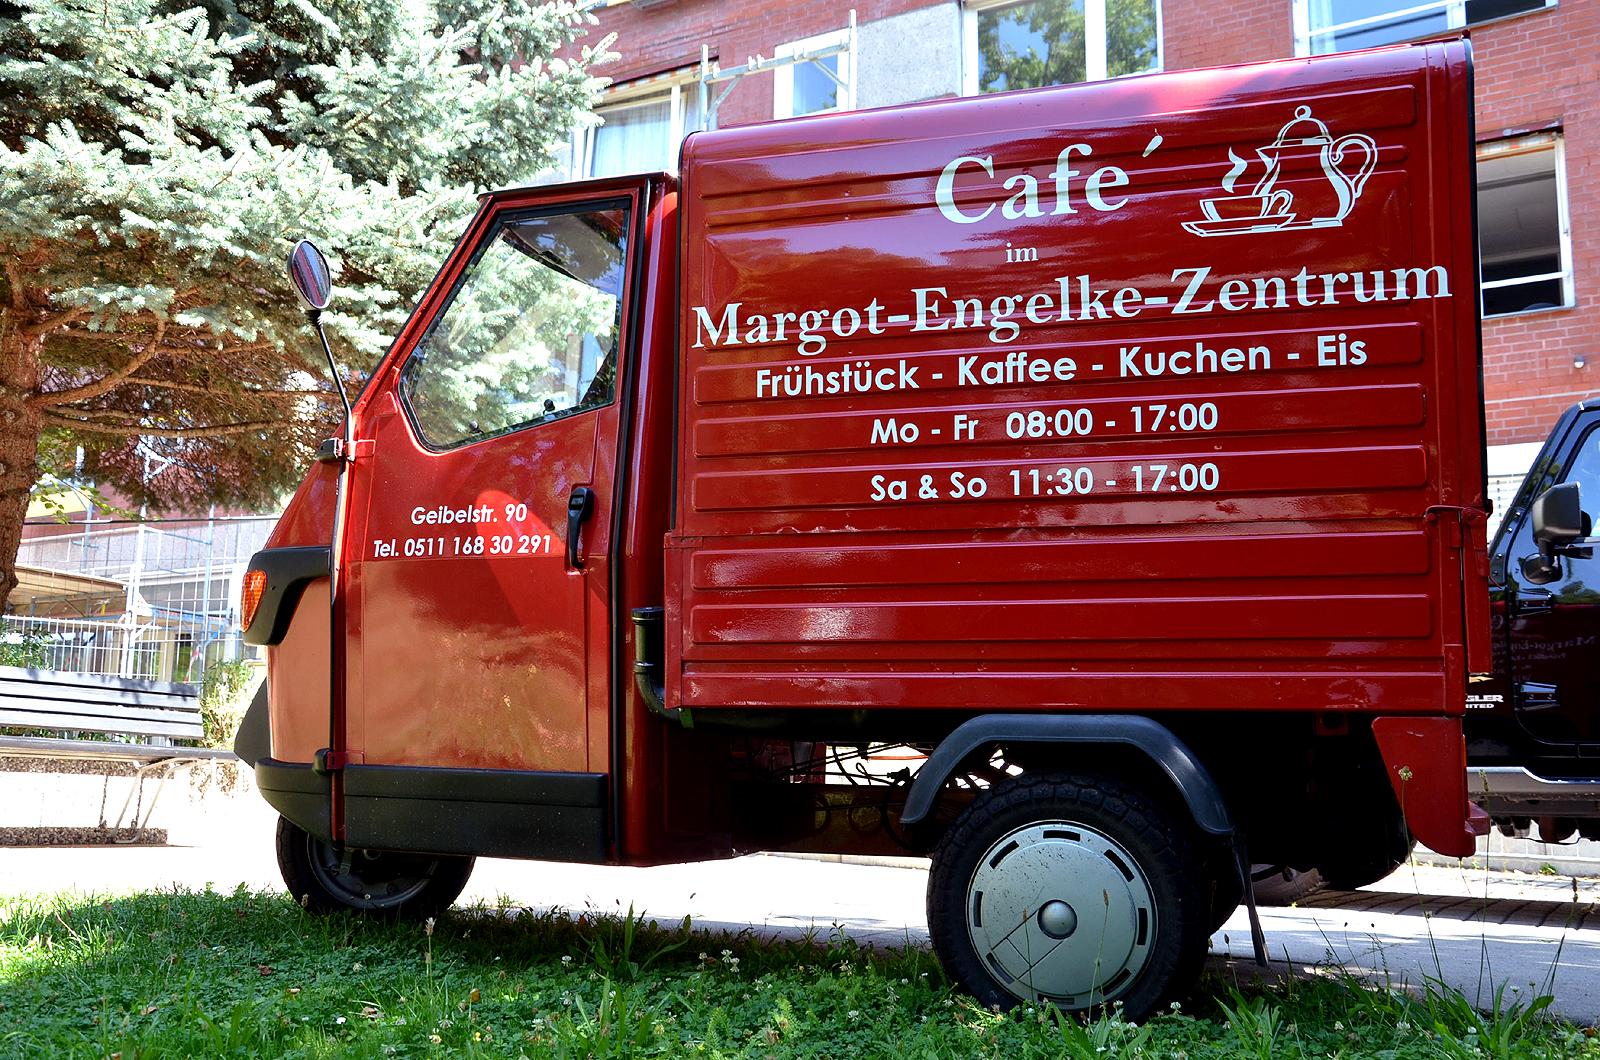 Fr Ef Bf Bdhst Ef Bf Bdck Im Cafe Bohne Ravensburg